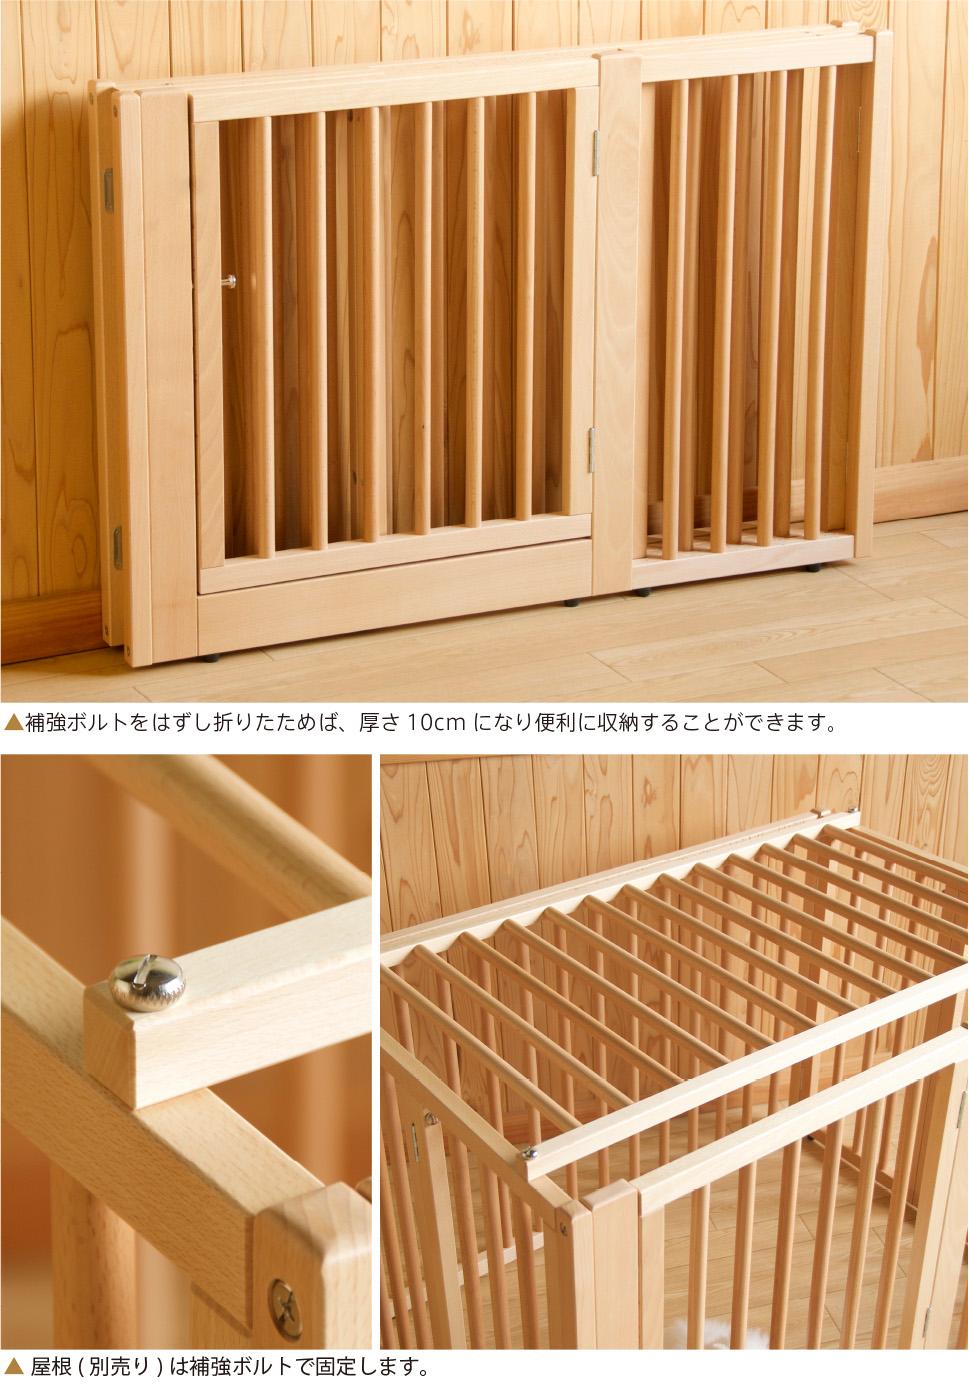 「木製ワンタッチペットサークル(LLサイズ)」